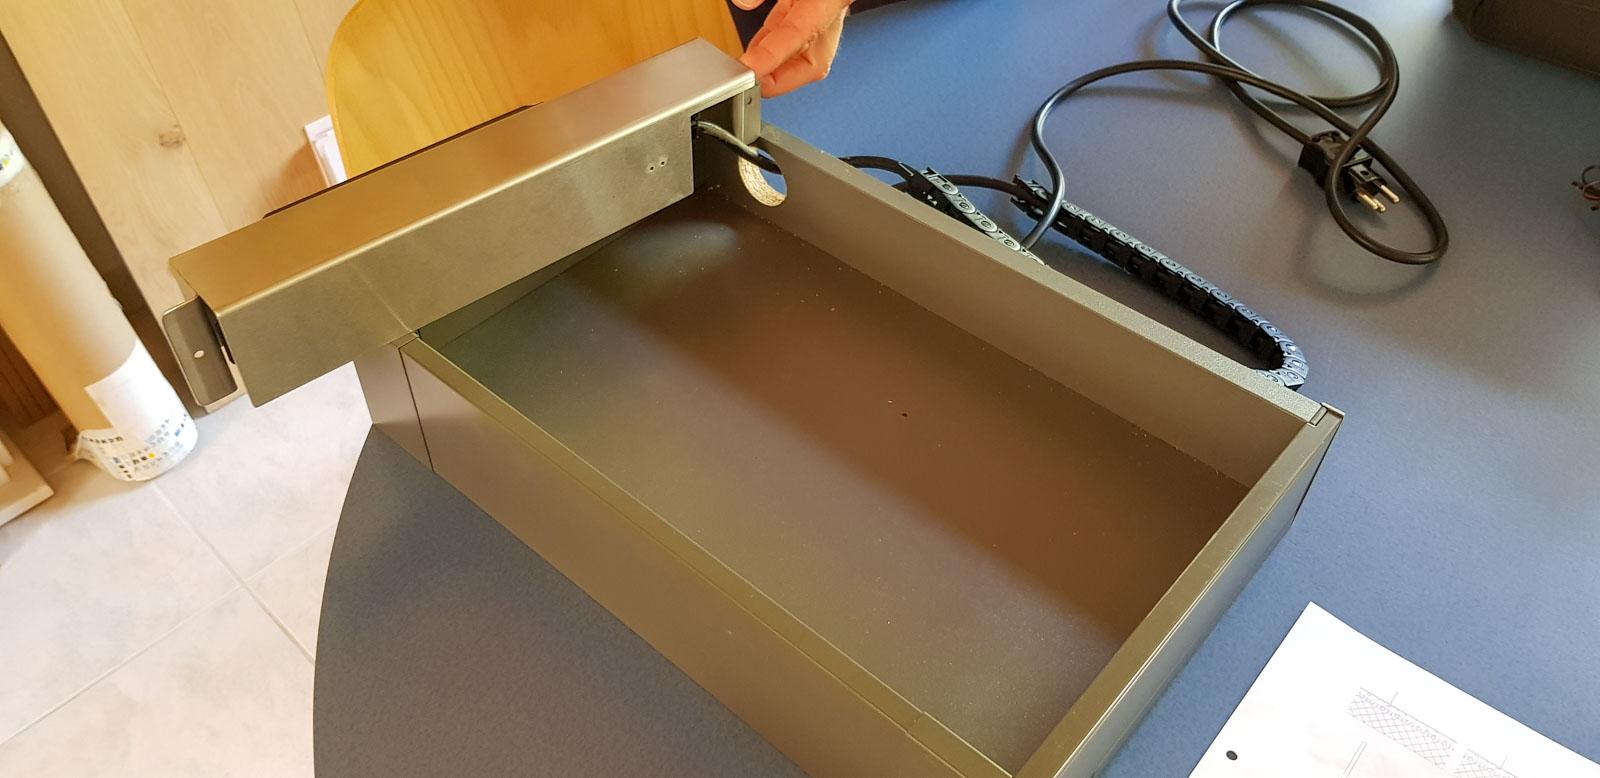 Wooddesign_Büro_Homeoffice_Schreibtisch_versenkbare Steckdose_Steckdose in Schublade_Schubladen (4)